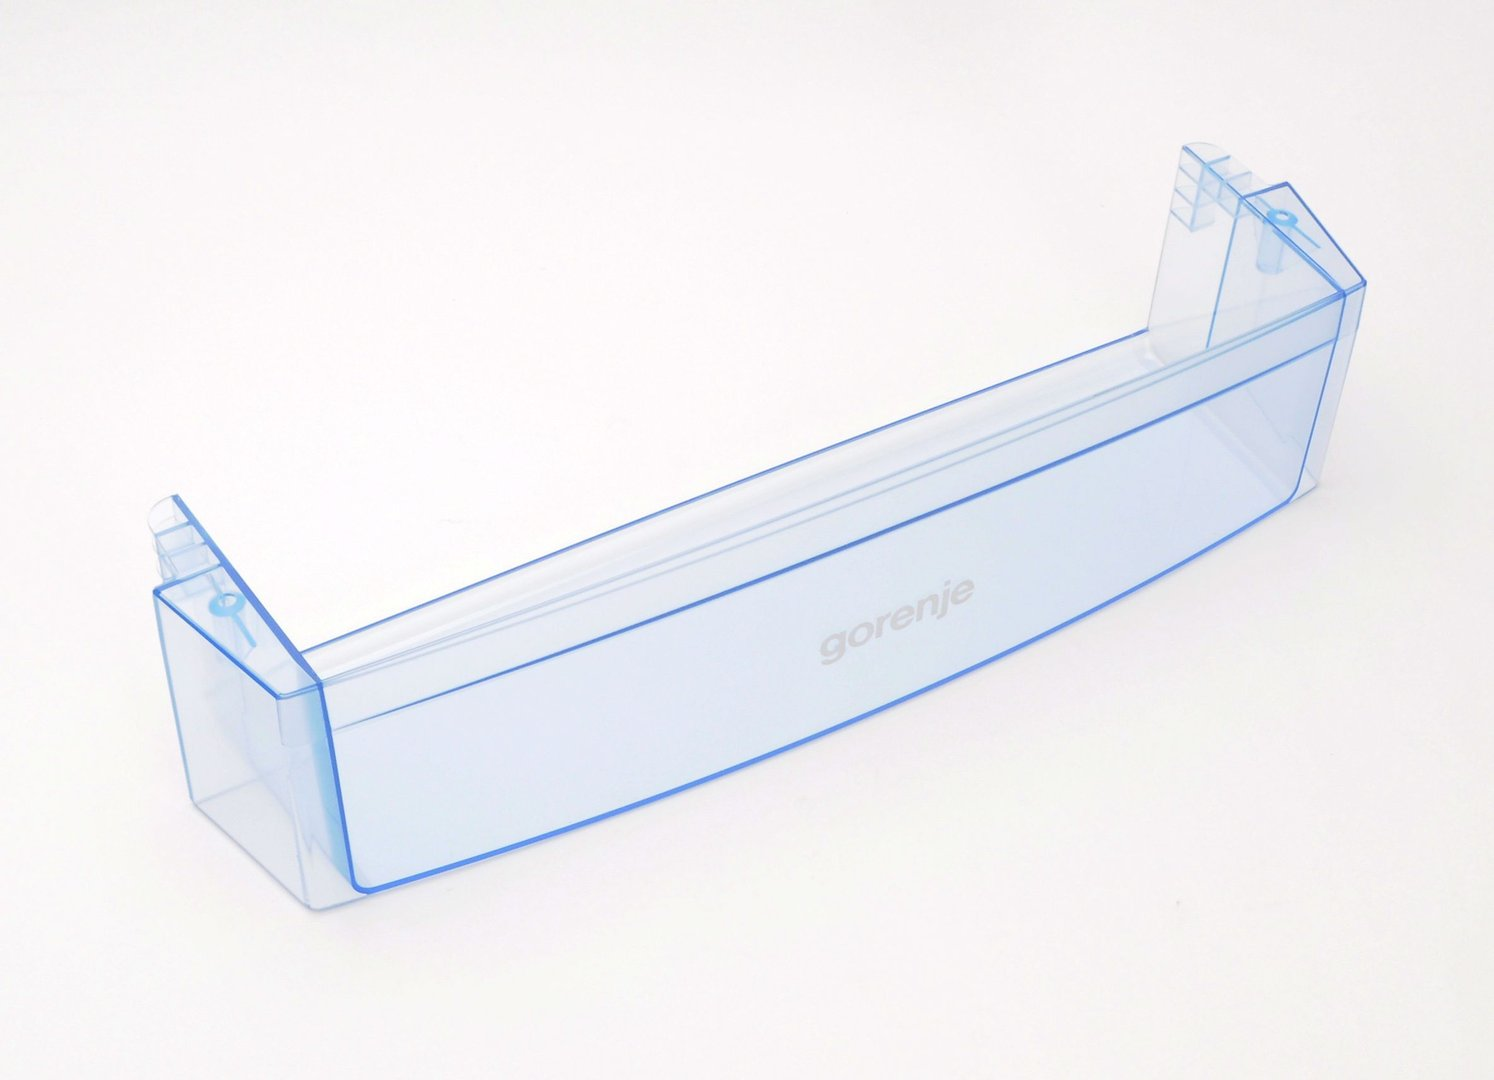 Amica Kühlschrank Flaschenfach : Gorenje kühlschrank typenschild finden amica kühlschrank